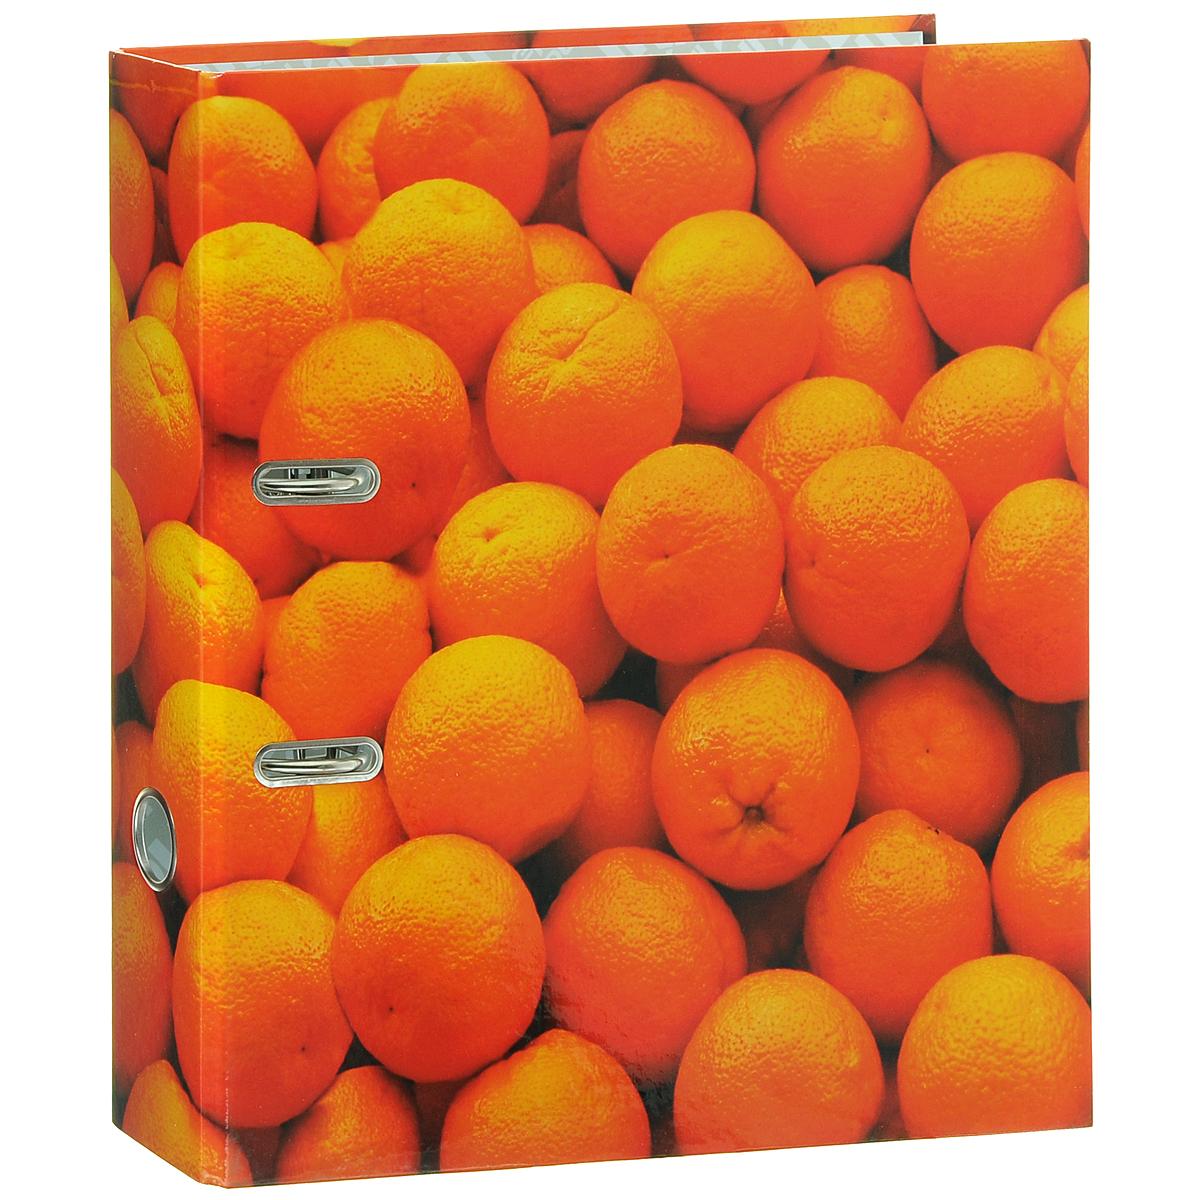 Папка-регистратор Index Апельсин, ширина корешка 80 мм, цвет: оранжевыйIN111102Папка-регистратор Index Апельсин незаменима для работы с большими объемами бумаг дома и в офисе. Папка изготовлена из износостойкого высококачественного картона толщиной 2 мм, имеет ламинацию как снаружи, так и внутри. Папка оснащена прочным металлическим арочным механизмом, обеспечивающим надежную фиксацию перфорированных бумаг и документов формата А4. Для папки используется фурнитура только европейского производства. На торце папки расположено металлическое кольцо для удобства использования. Обложка папки оформлена красочным изображением спелых апельсинов.Папка-регистратор станет вашим надежным помощником, она упростит работу с бумагами и документами и защитит их от повреждения, пыли и влаги.